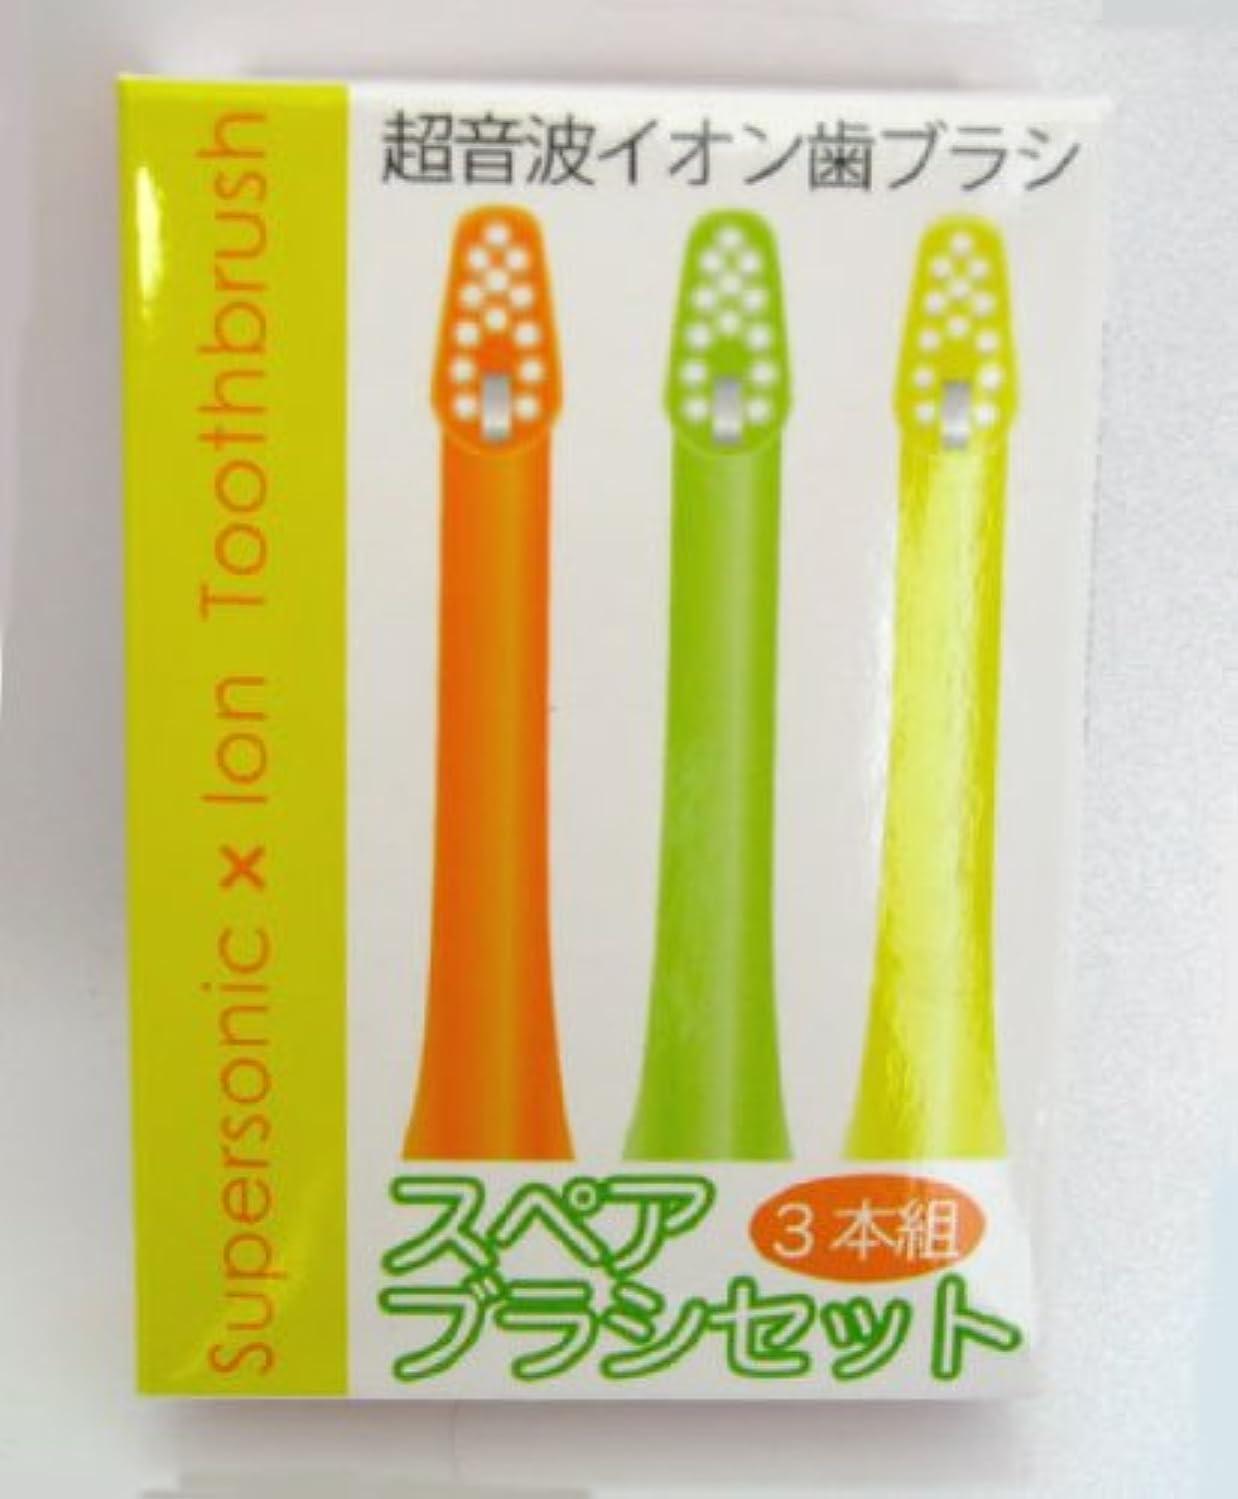 相互接続知る静的超音波イオン歯ブラシ専用スペアブラシ3本セット(交換用ブラシ)